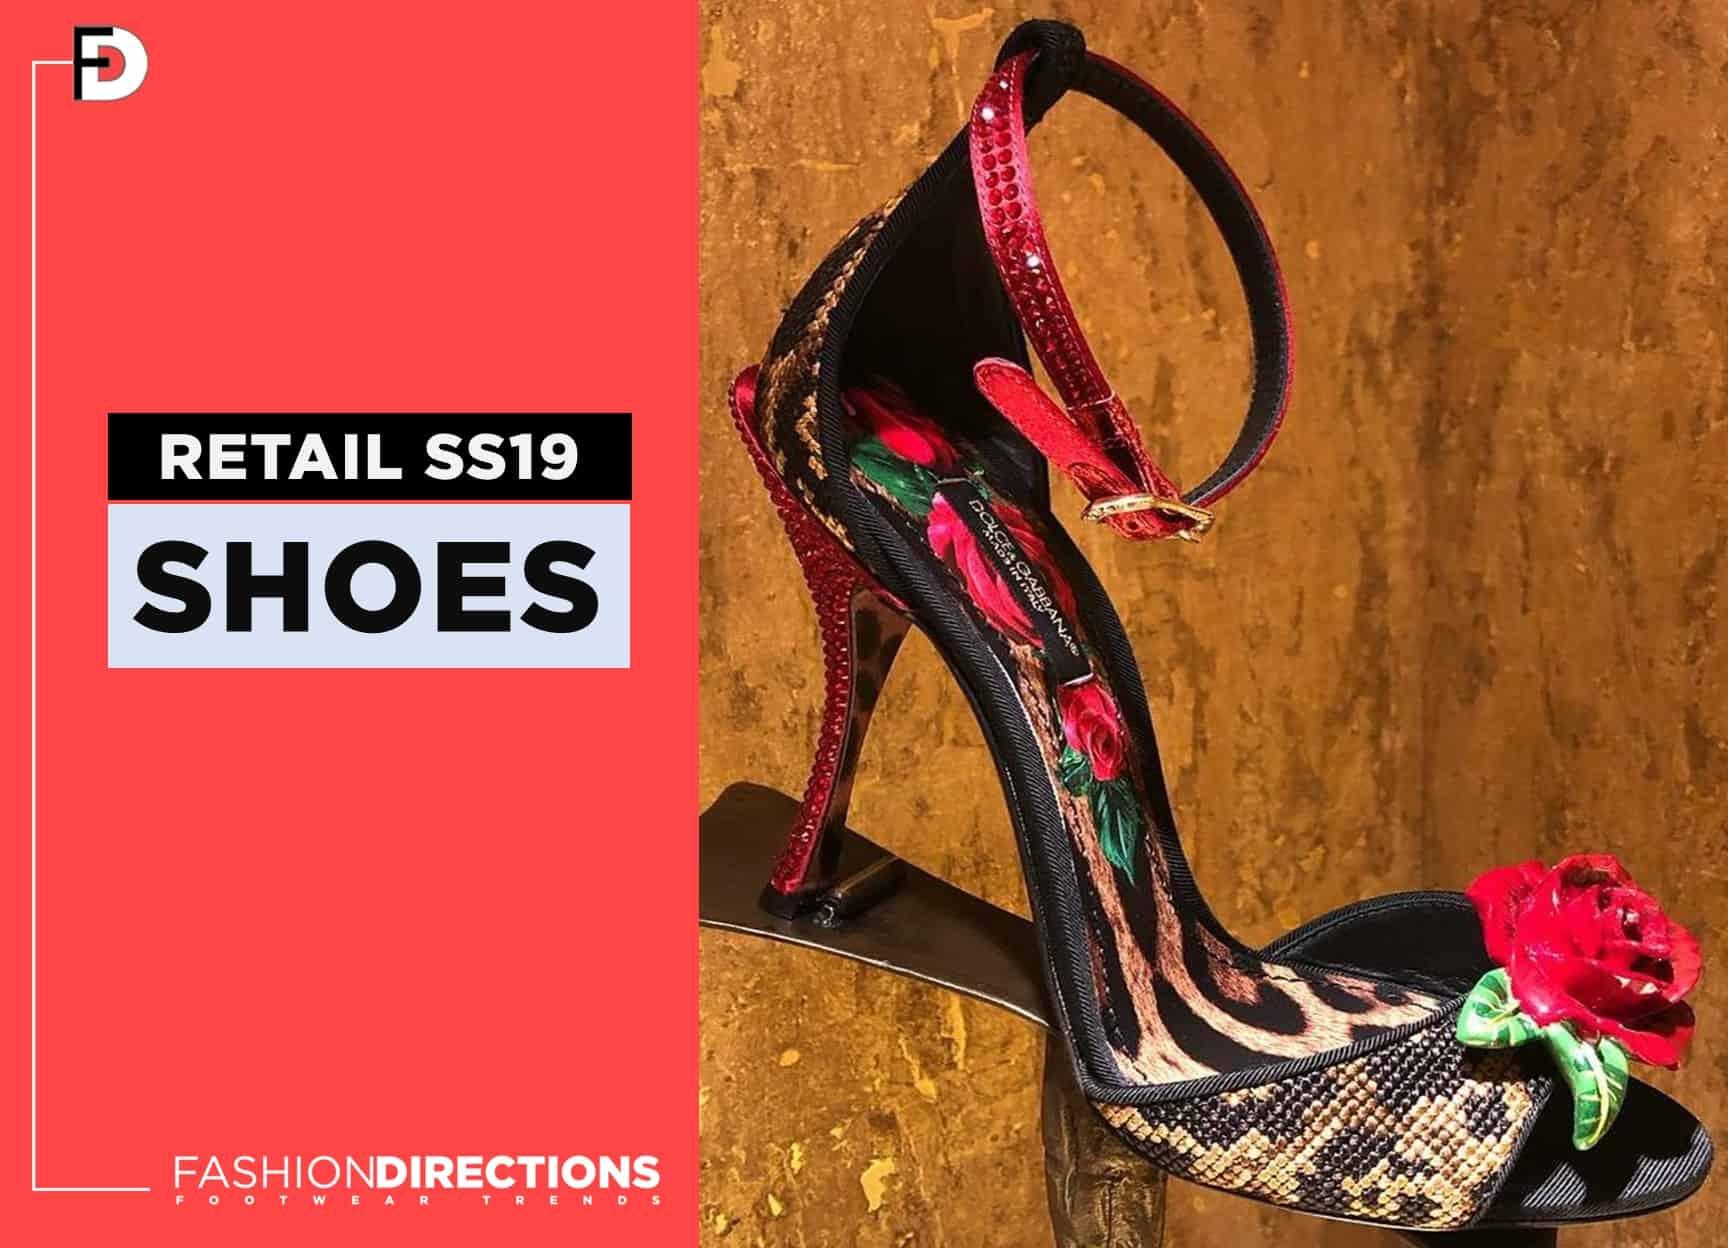 SS19 luxury womens footwear